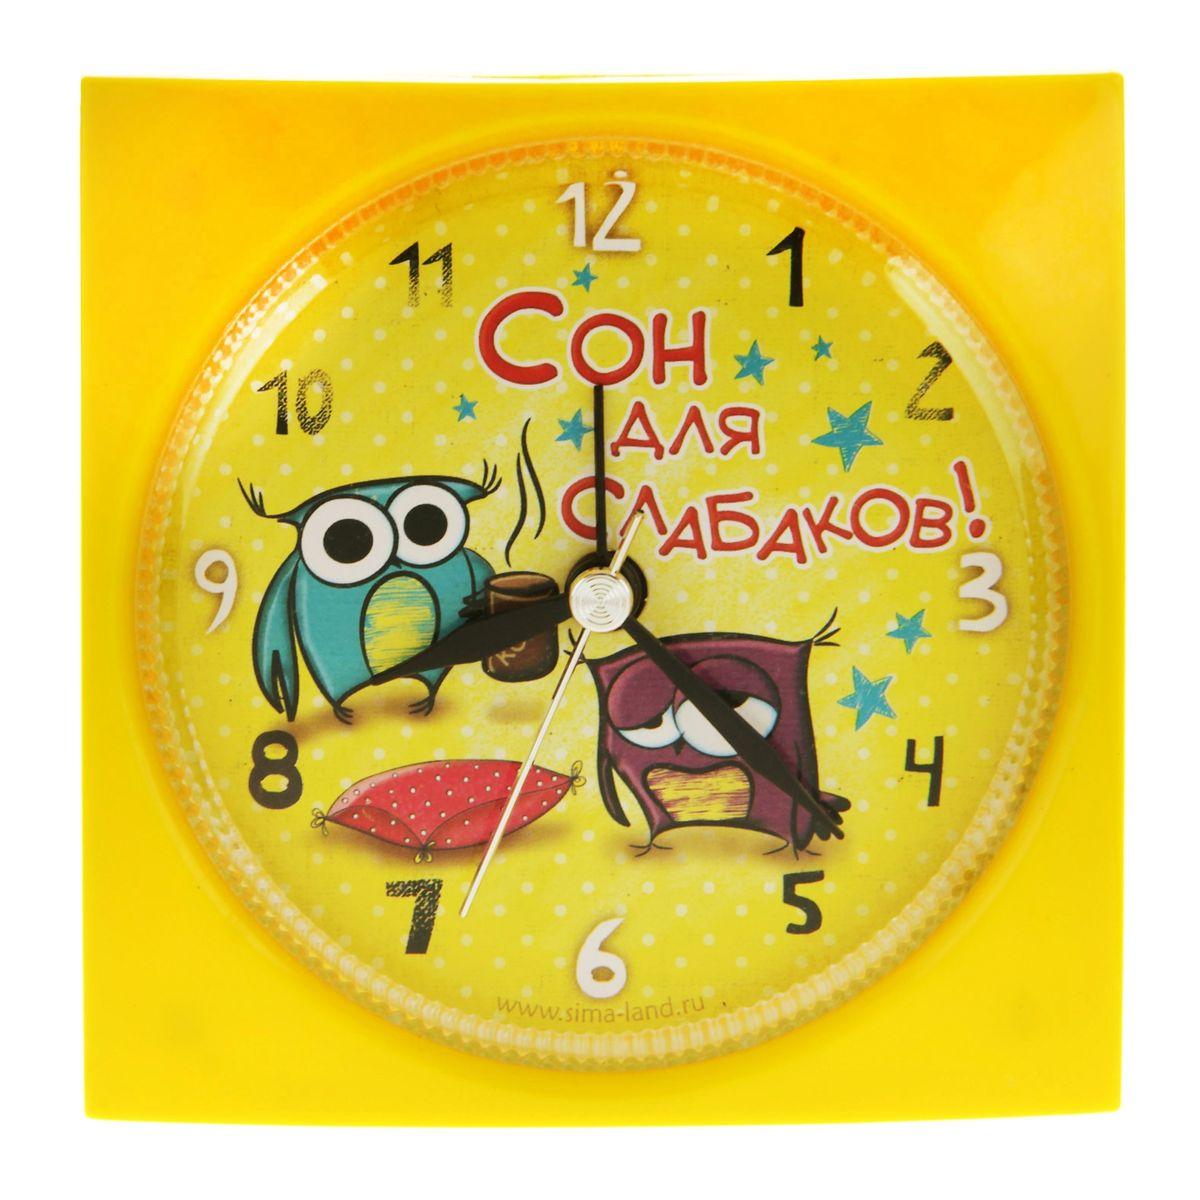 Часы-будильник Sima-land Сон для слабаков, 9 см х 9 см845896Как же сложно иногда вставать вовремя! Всегда так хочется поспать еще хотя бы 5 минут и бывает, что мы просыпаем. Теперь этого не случится! Яркий, оригинальный будильник Sima-land Сон для слабаков поможет вам всегда вставать в нужное время и успевать везде и всюду.Корпус будильника выполнен из пластика. Циферблат оформлен изображением сов и надписью: Сон для слабаков. Часы снабжены 4 стрелками (секундная, минутная, часовая и для будильника). На задней панели будильника расположен переключатель включения/выключения механизма, а также два колесика для настройки текущего времени и времени звонка будильника.Такие часы прекрасно подойдут для детской комнаты, они сделают интерьер более насыщенным и выразительным. Пользоваться будильником очень легко: нужно всего лишь поставить батарейку, настроить точное время и установить время звонка. Необходимо докупить 1 батарейку типа АА (не входит в комплект).